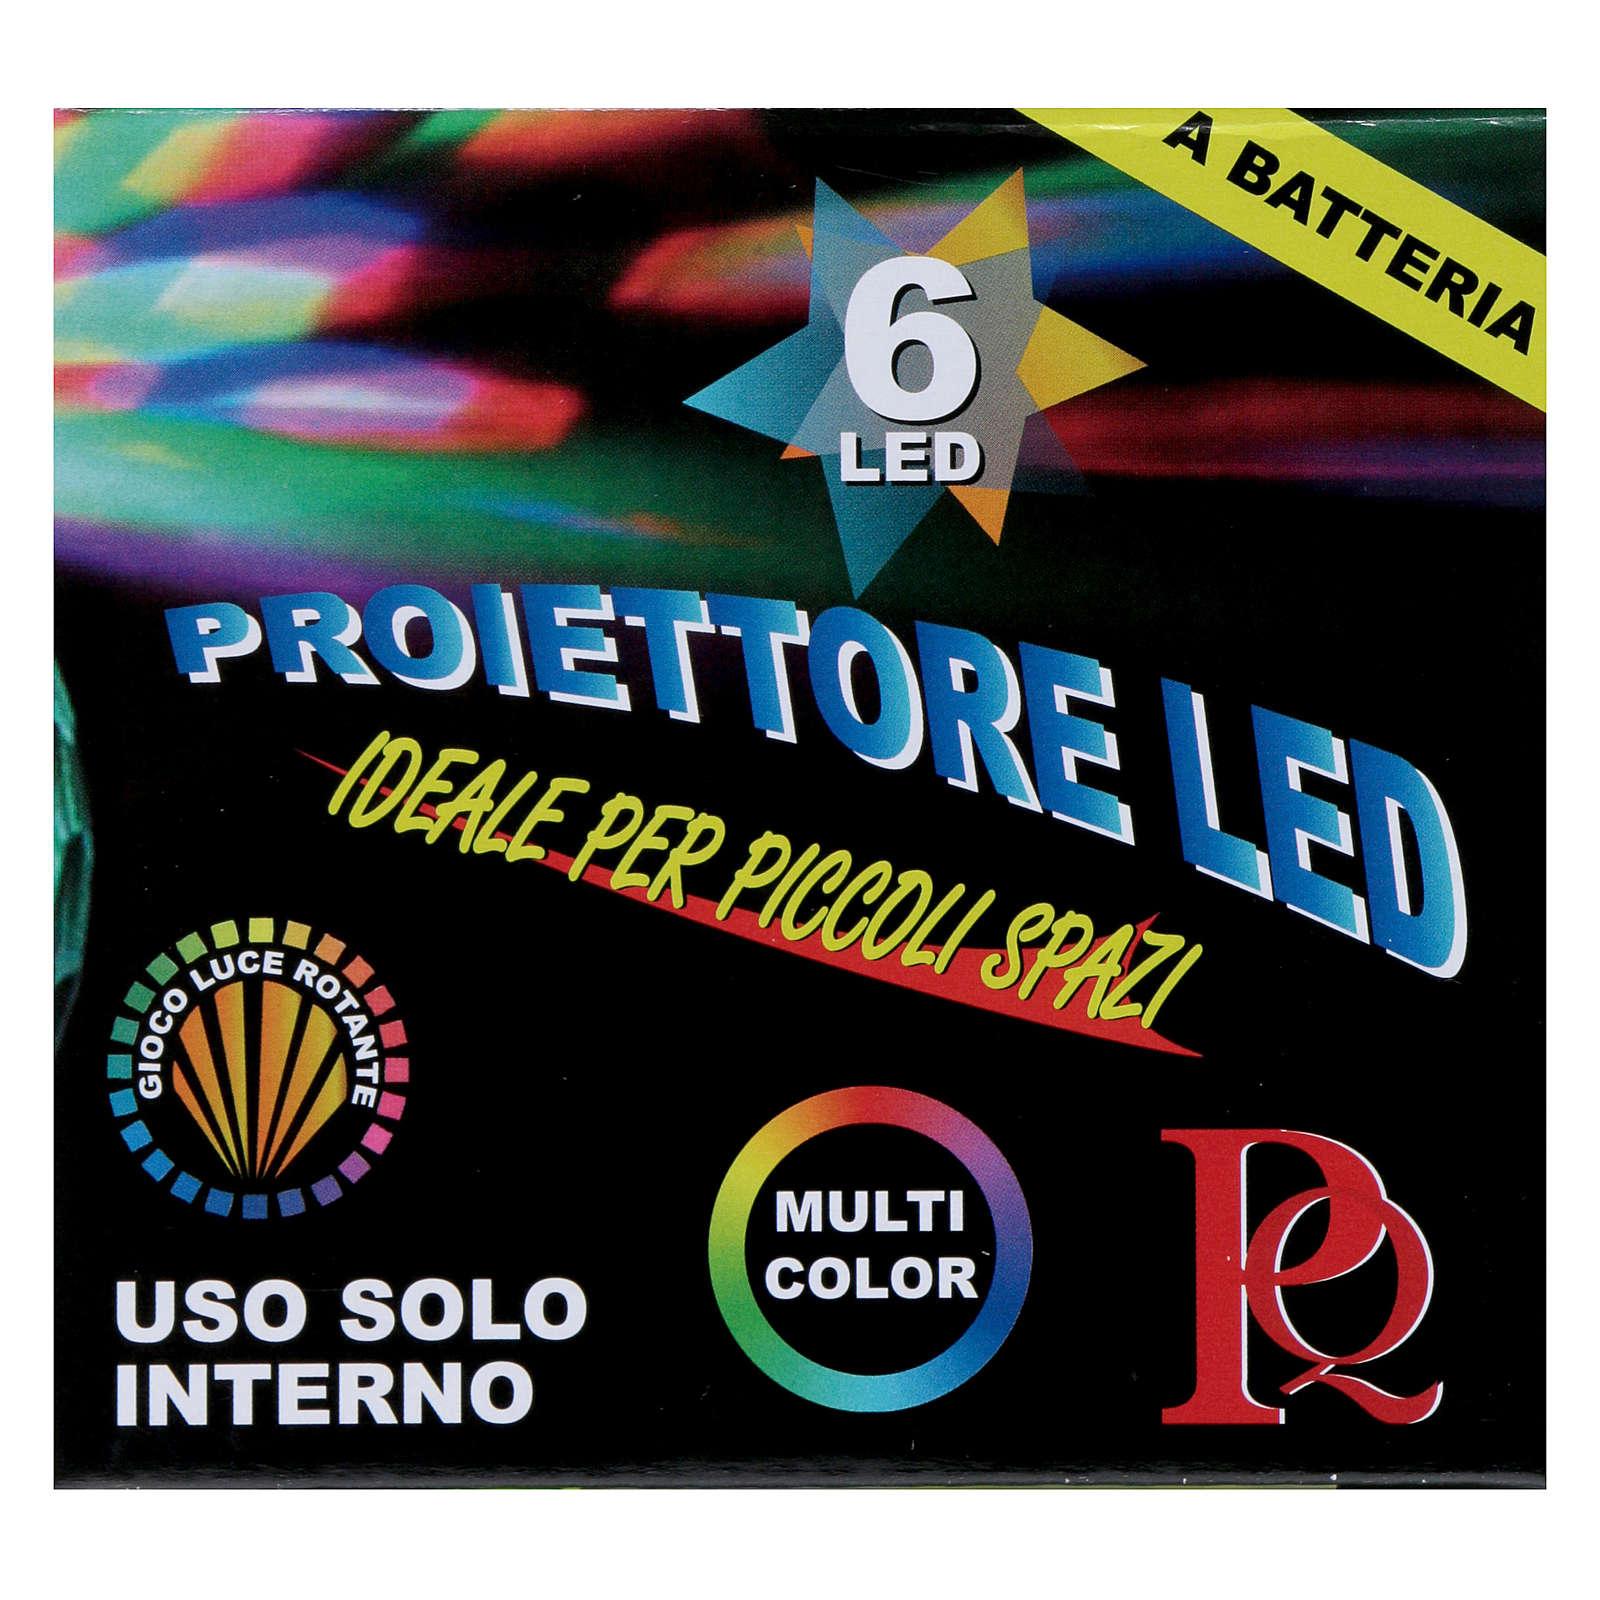 Proyector 6 LED multicolor semiesfera rotatoria con batería para interior 3